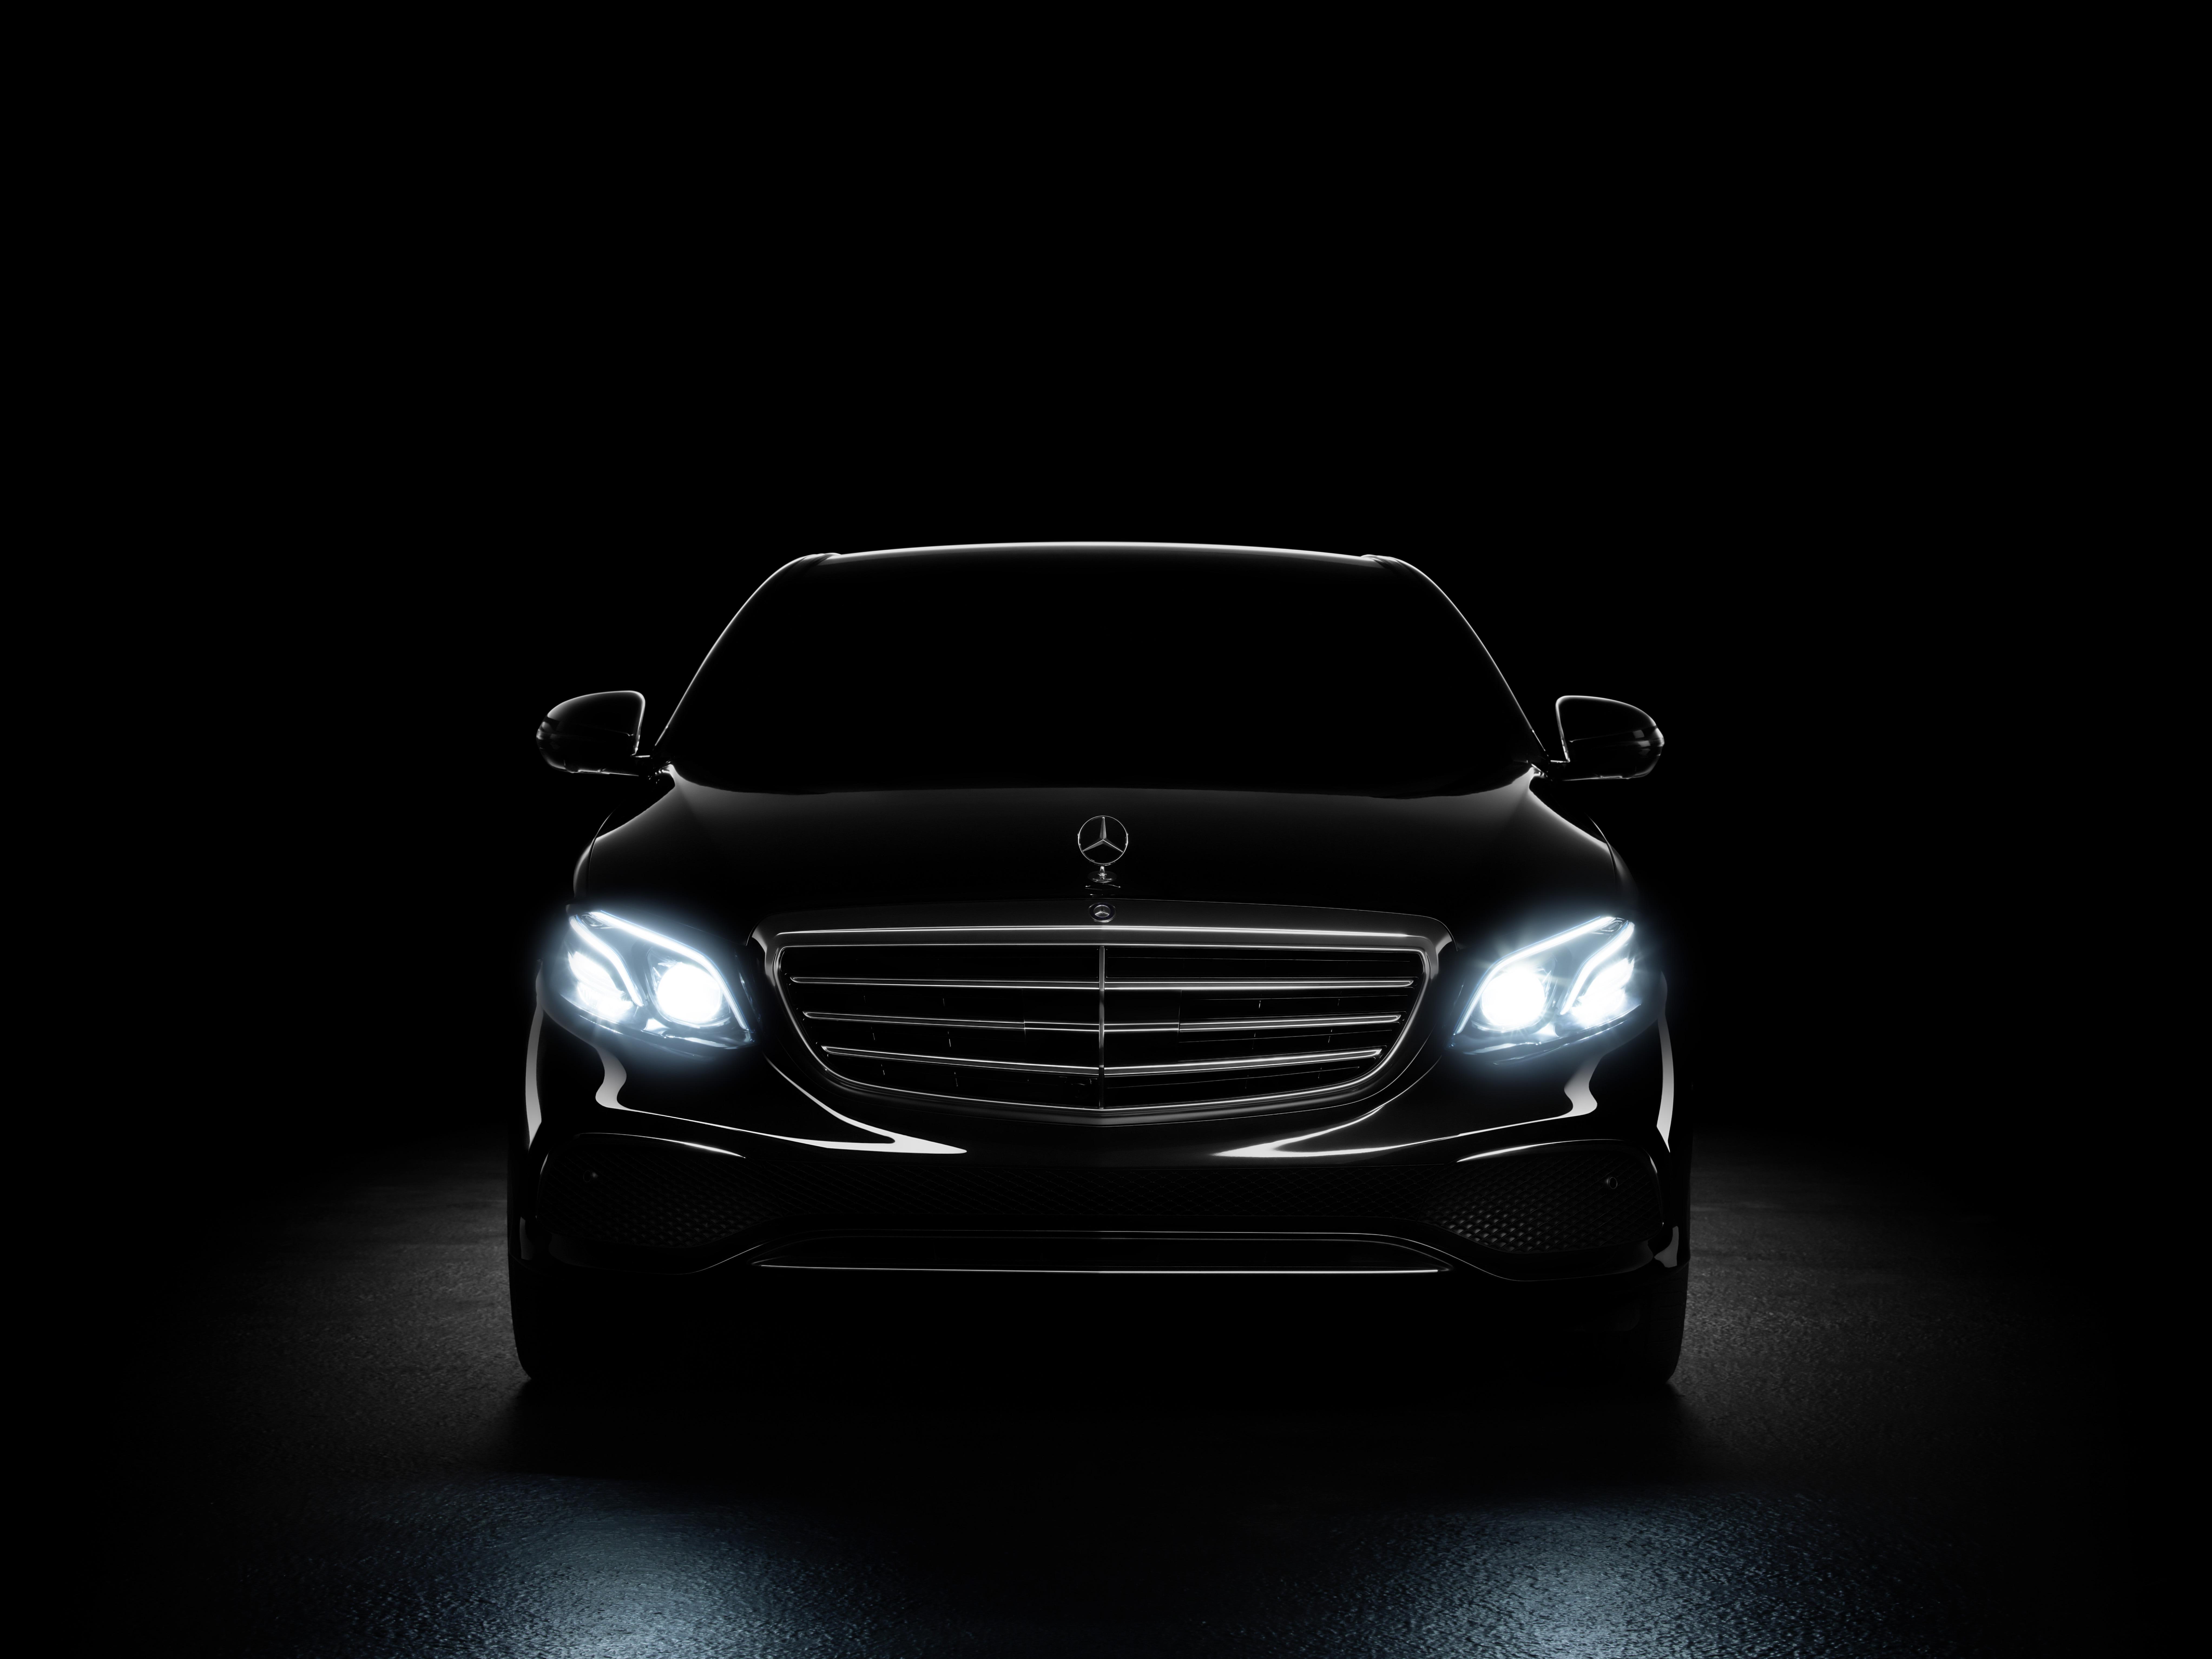 Mercedes Benz E Class Wallpaper